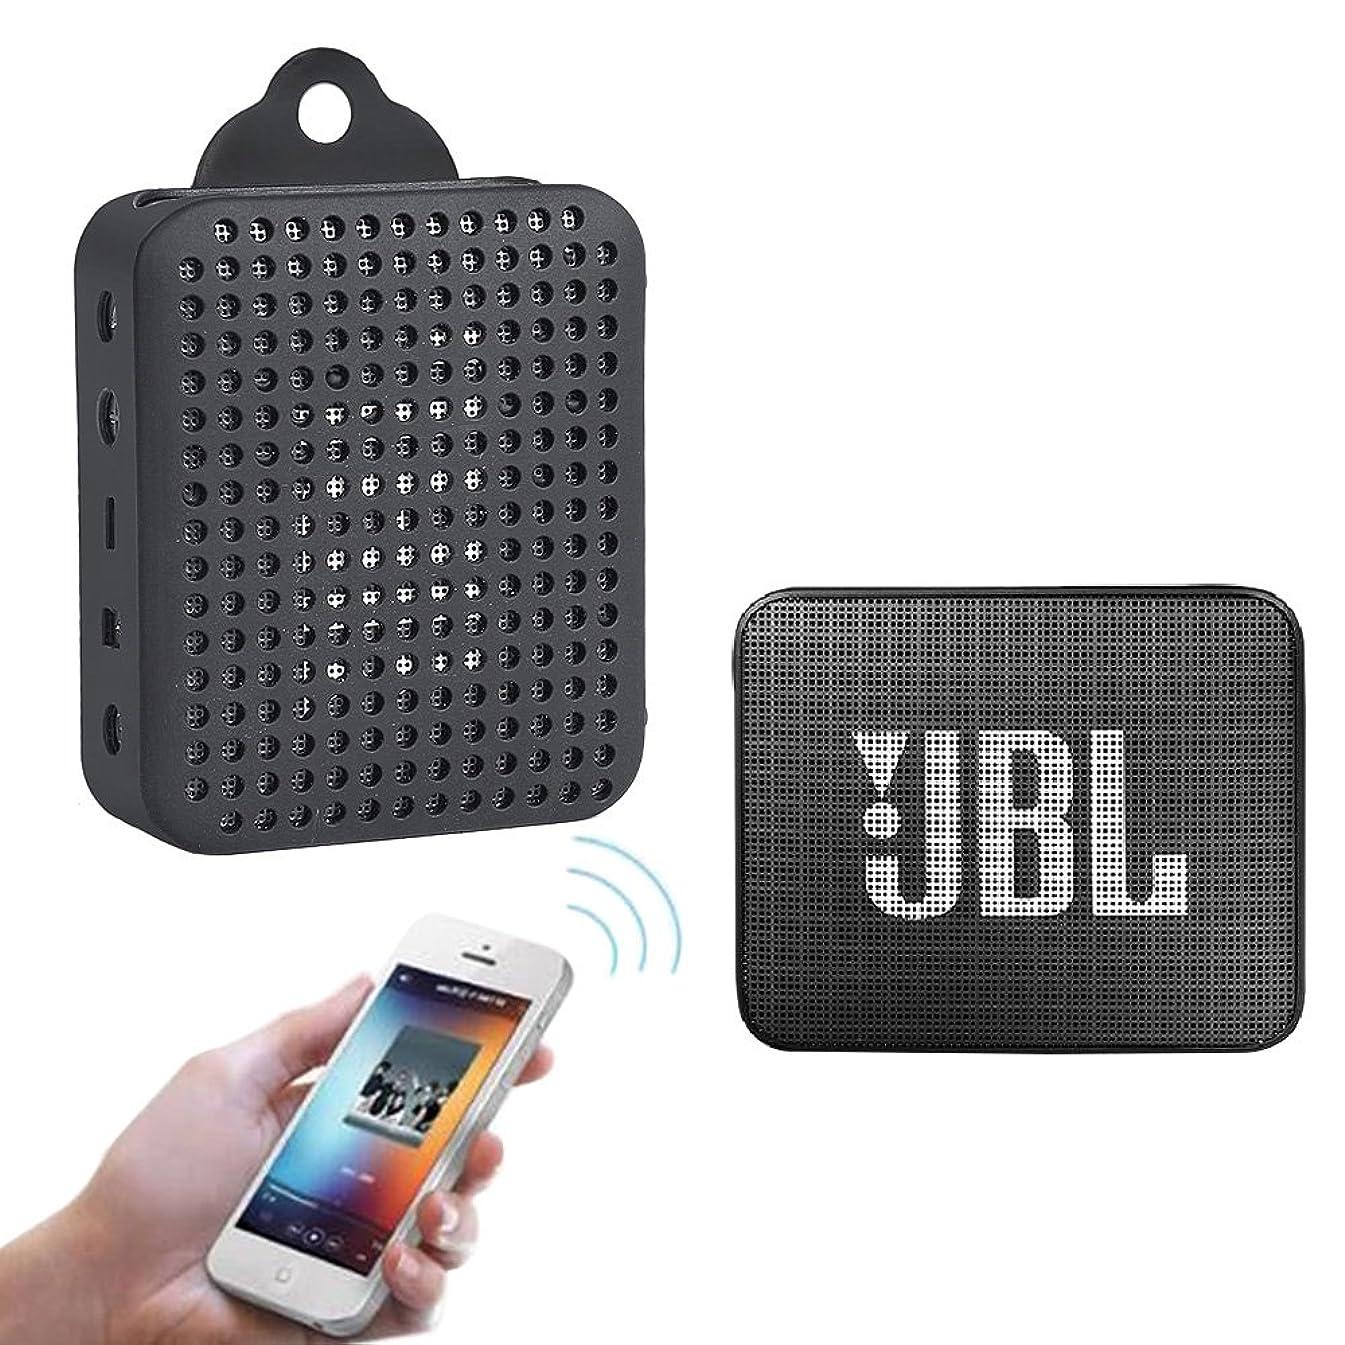 従事した早熟多用途Nice Cool JBL GO 2 Bluetoothスピーカー ケース EVA 保護ボックス 軽量 耐衝撃性 旅行キャリーケース (ブラック)